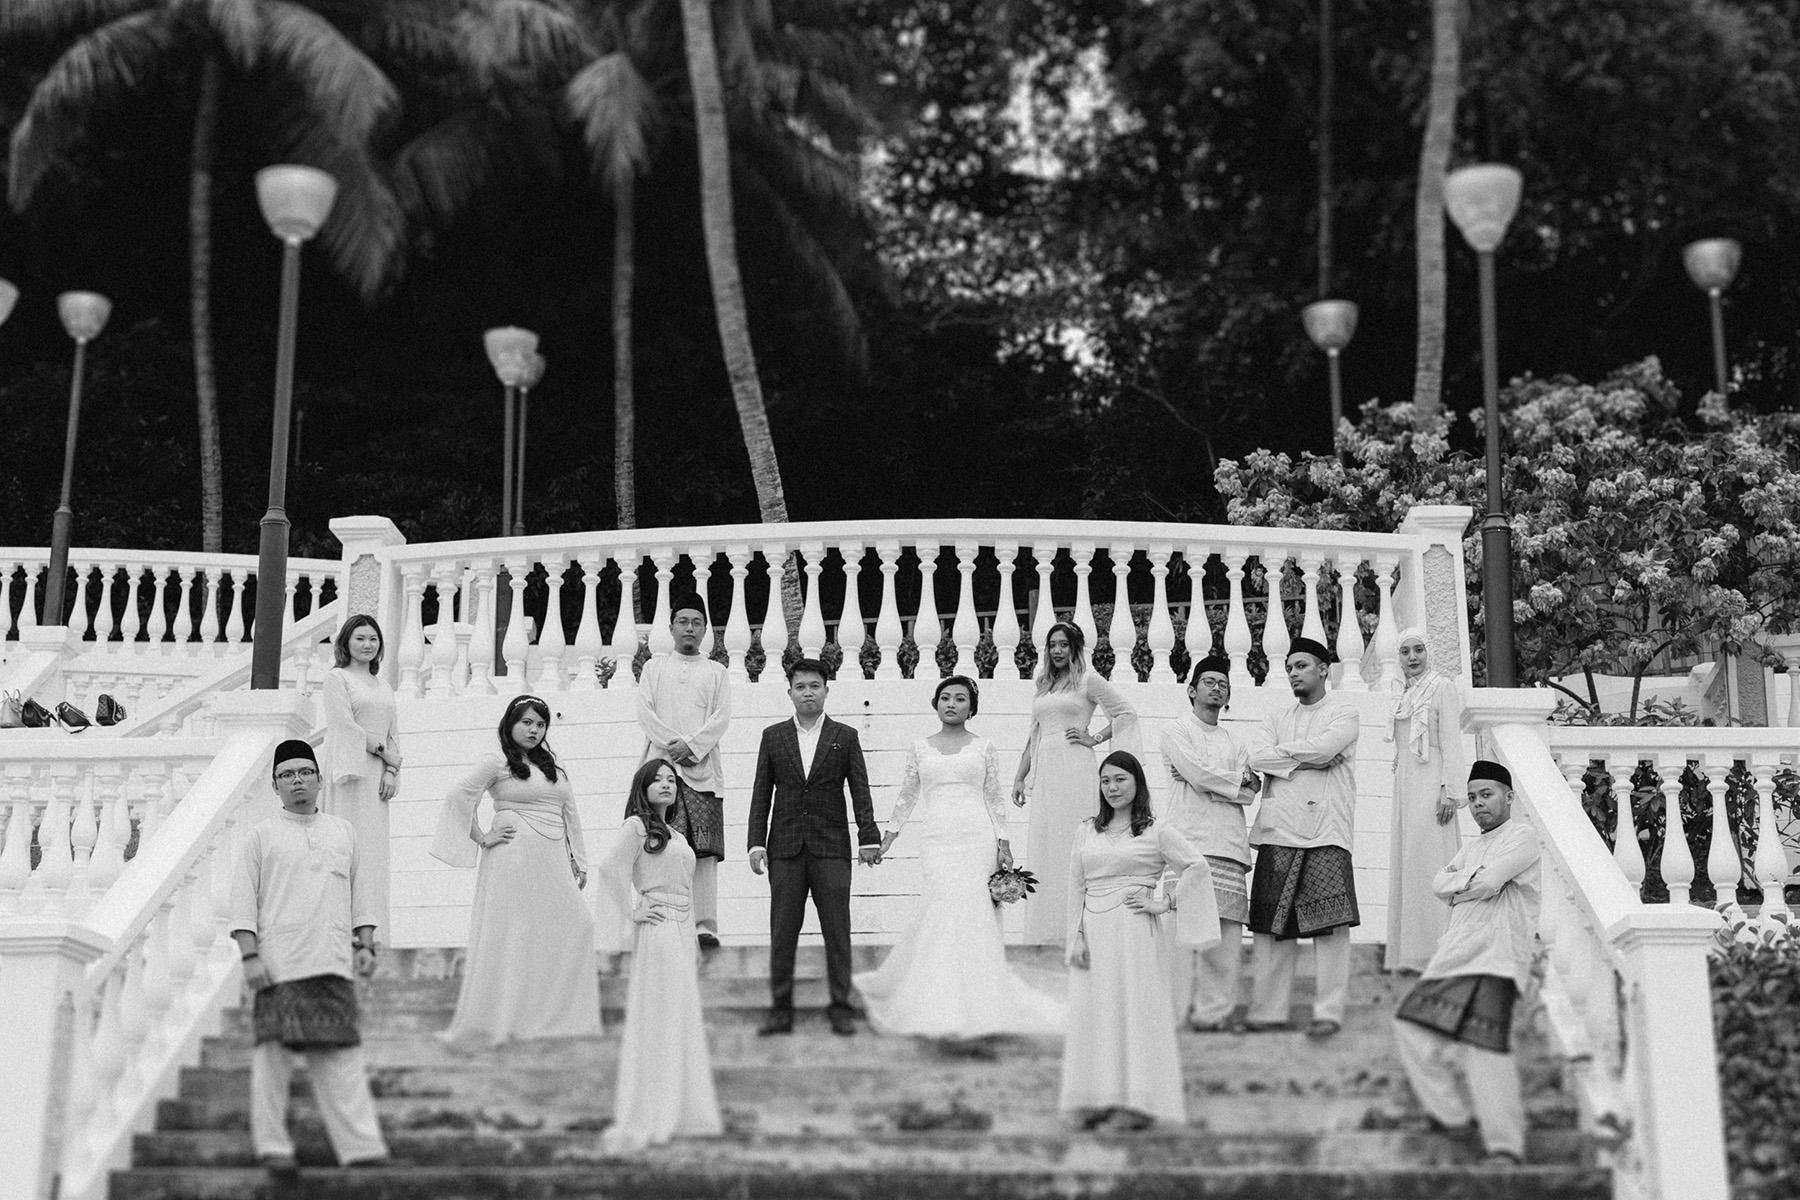 singapore-wedding-photographer-wemadethese-bw-030.jpg